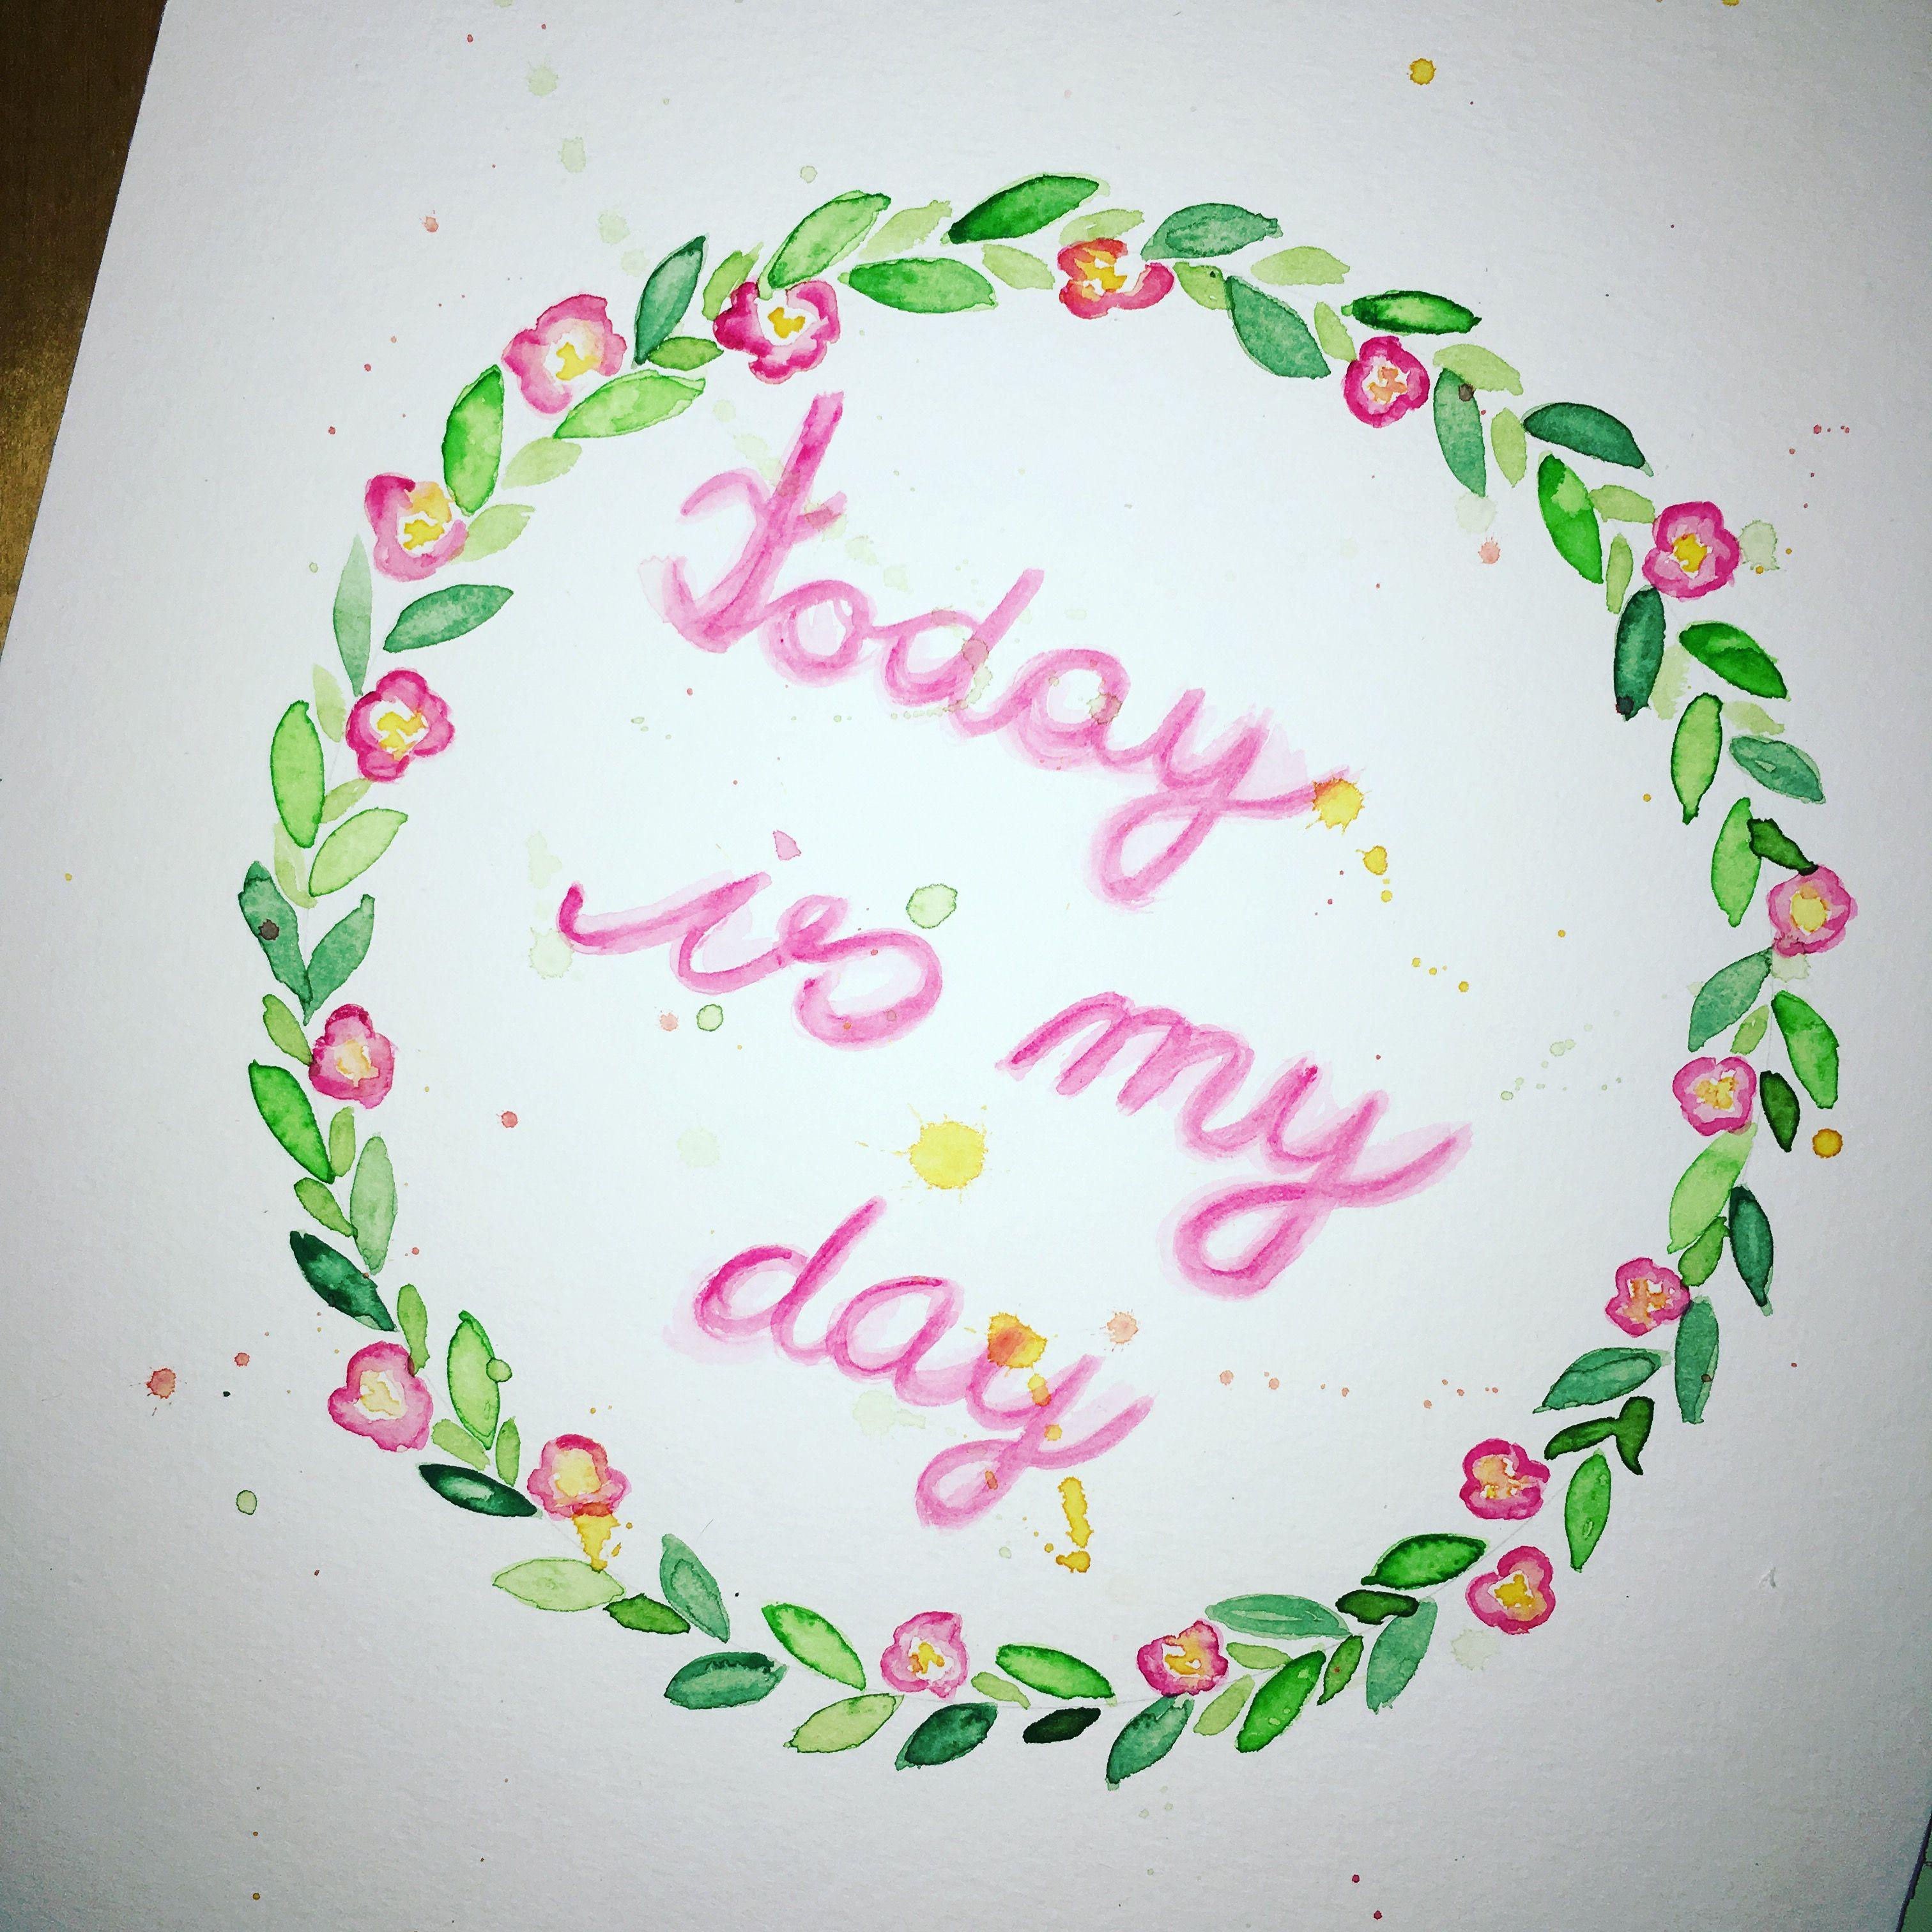 Selbstliebe Geburtstag Spruch Aquarell Malen Zeichnen Bunt Rosa